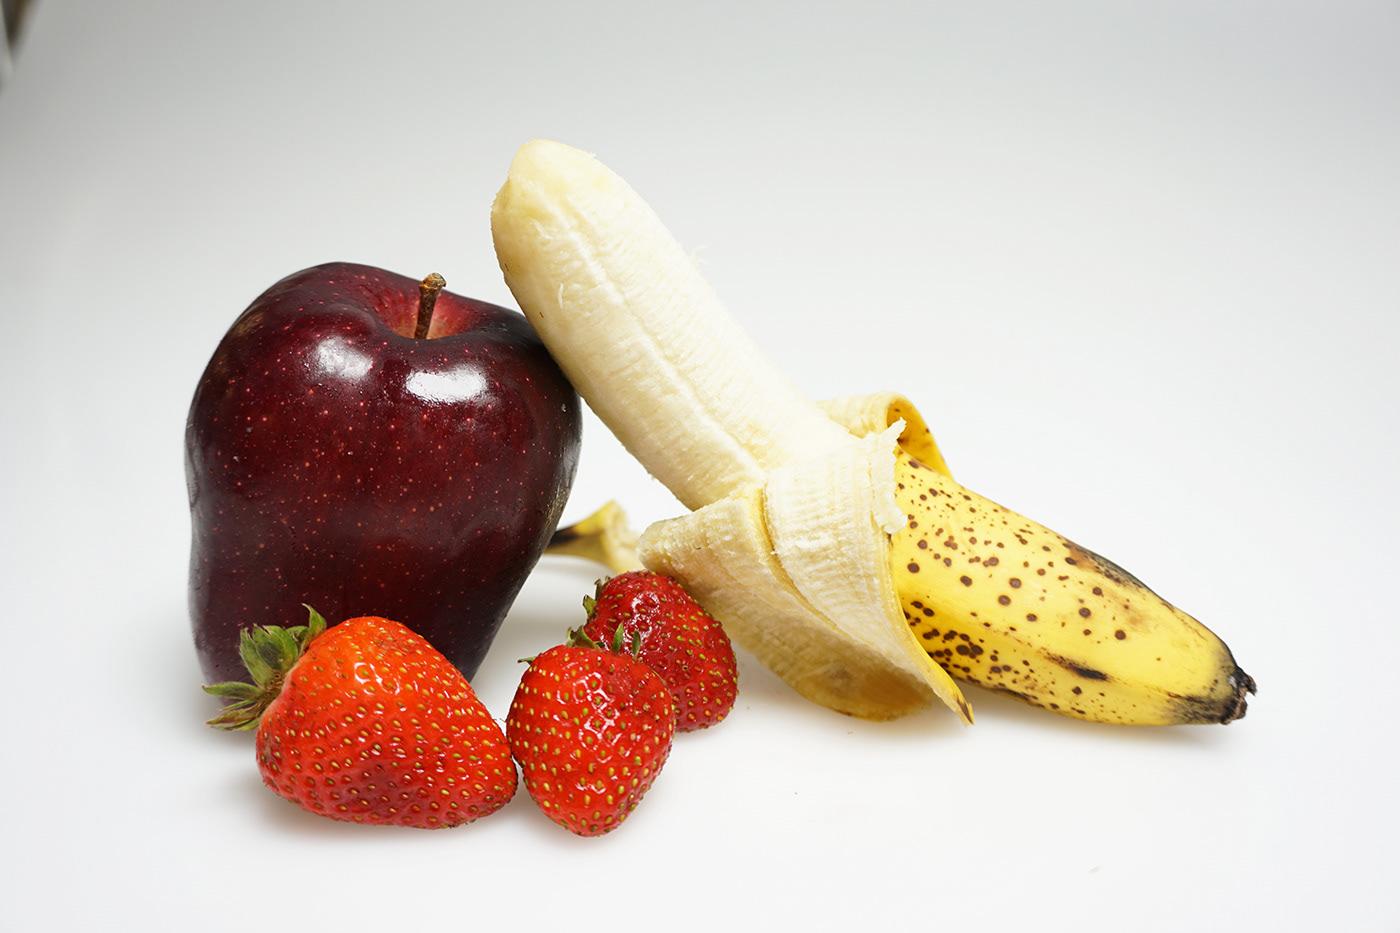 Image may contain: fruit, banana and food